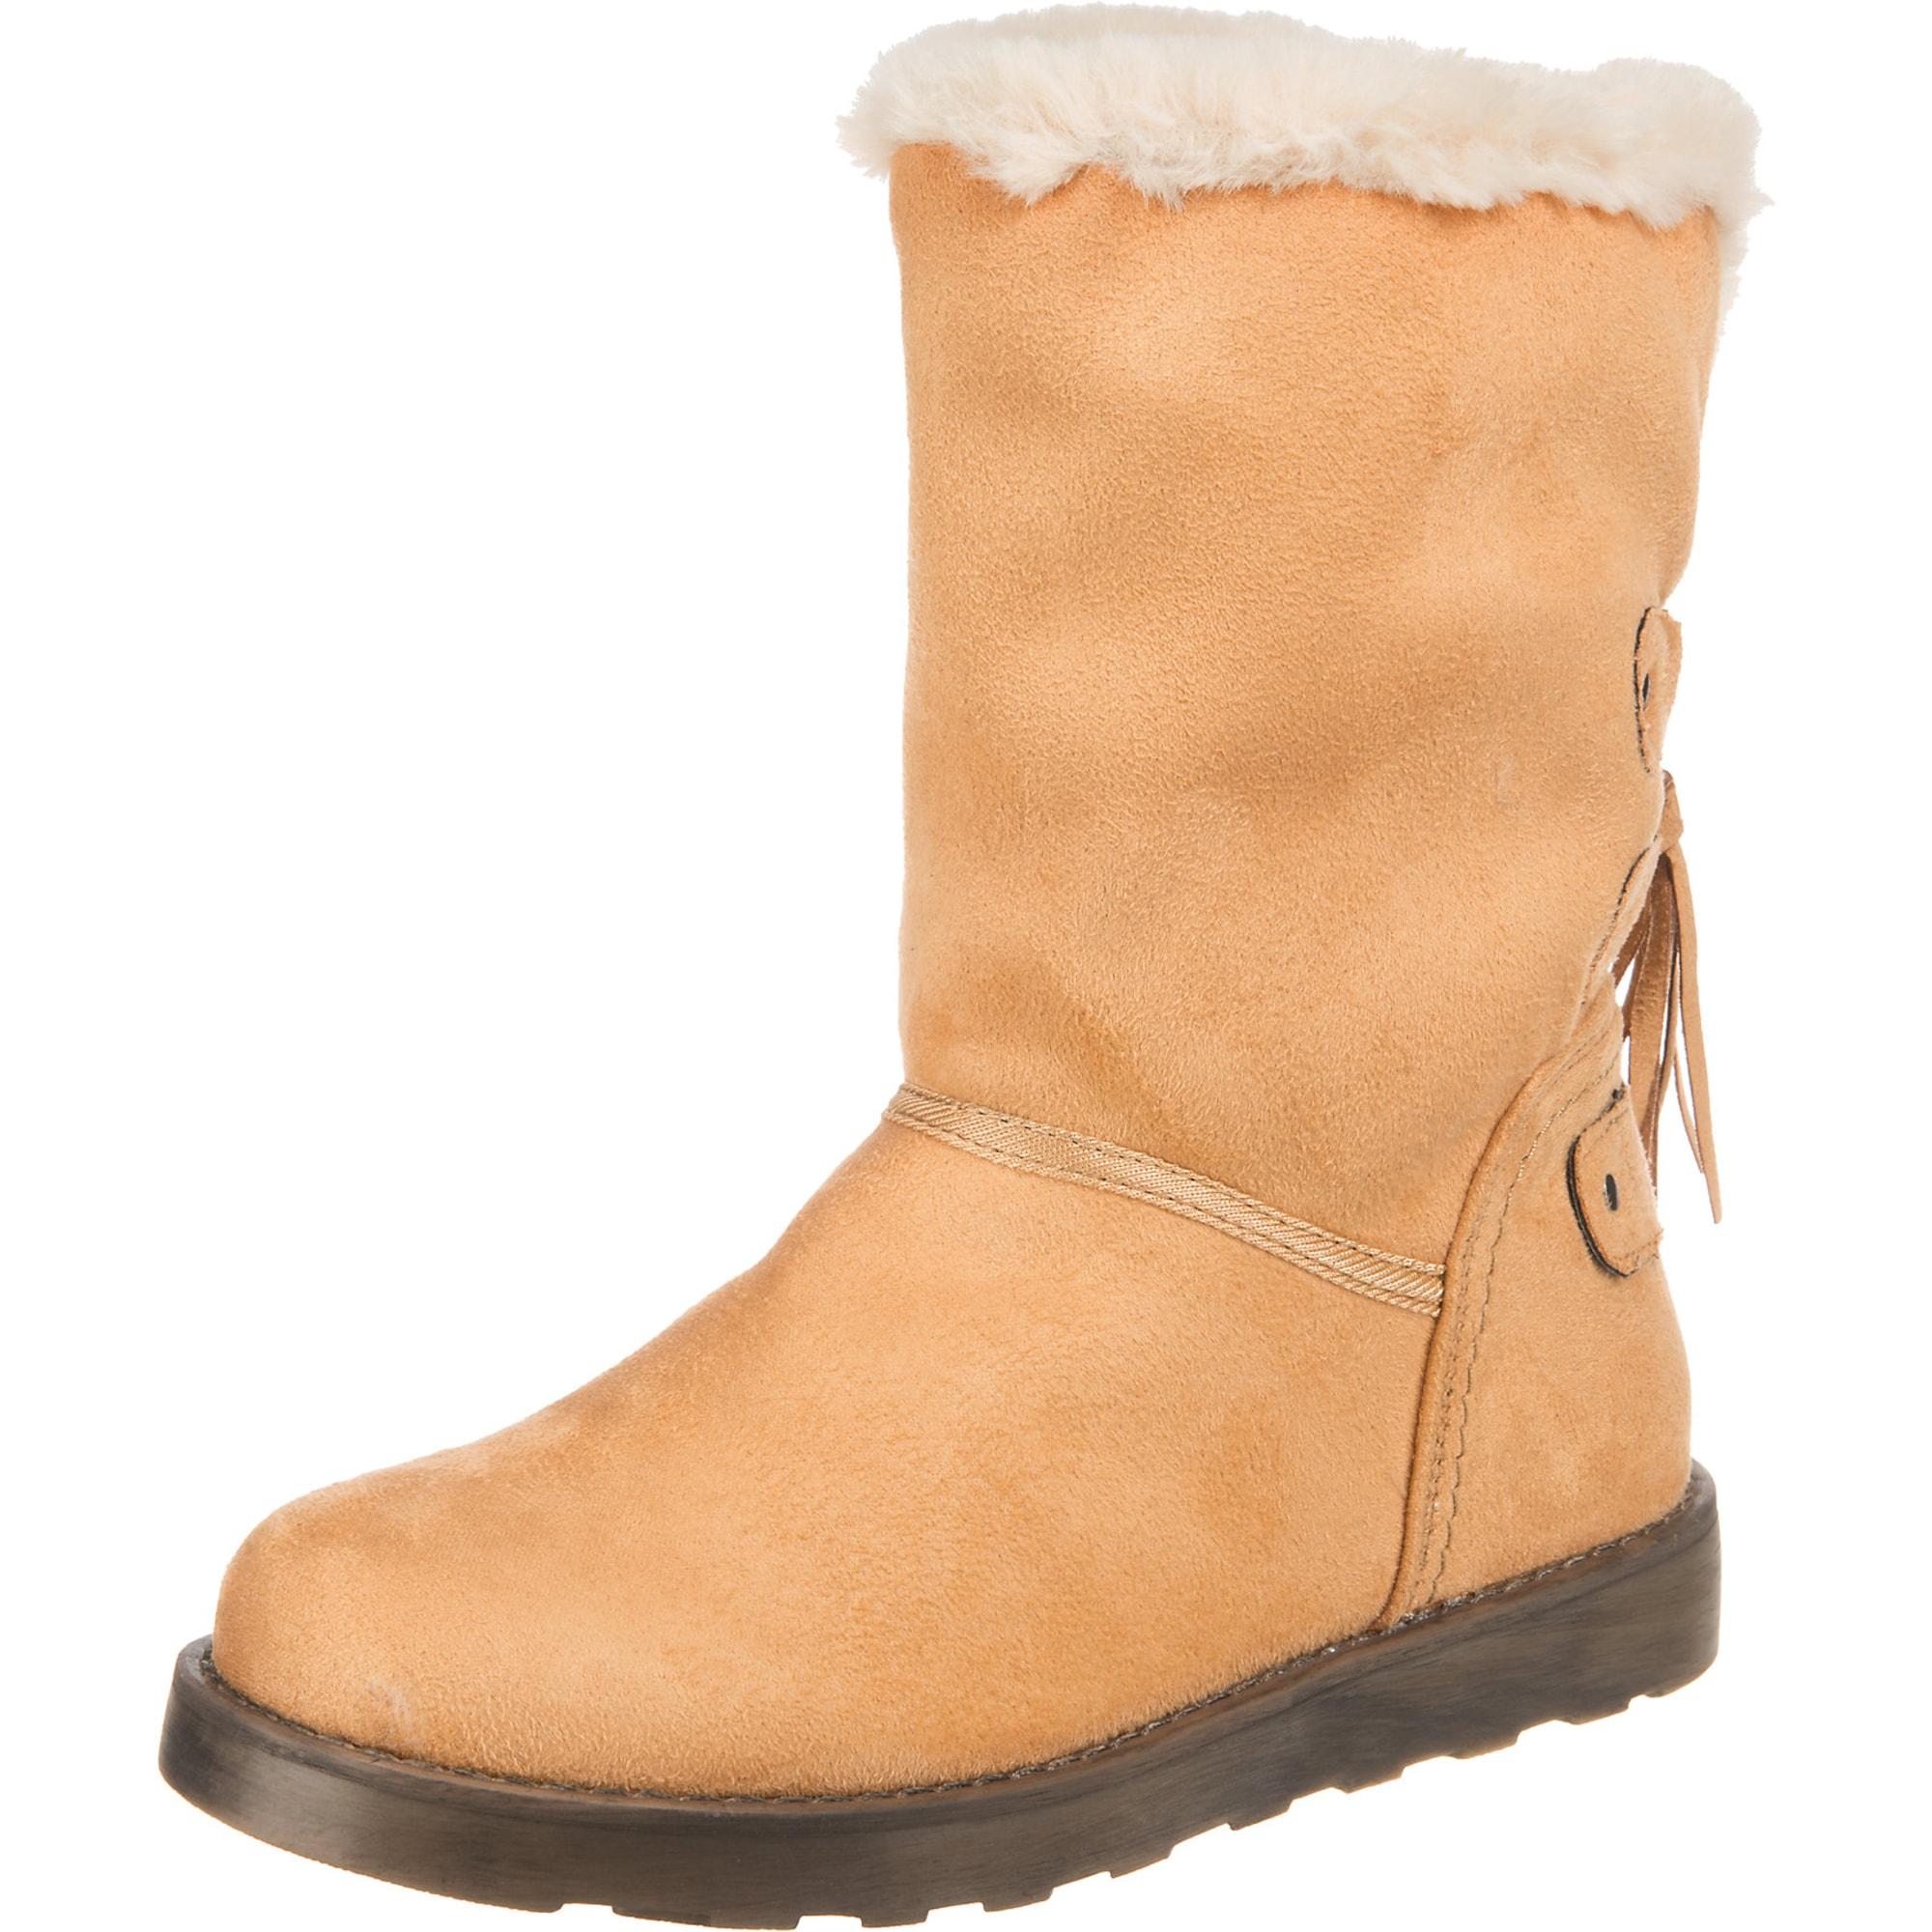 Winterstiefel | Schuhe > Stiefel > Winterstiefel | Braun | UNLIMITED